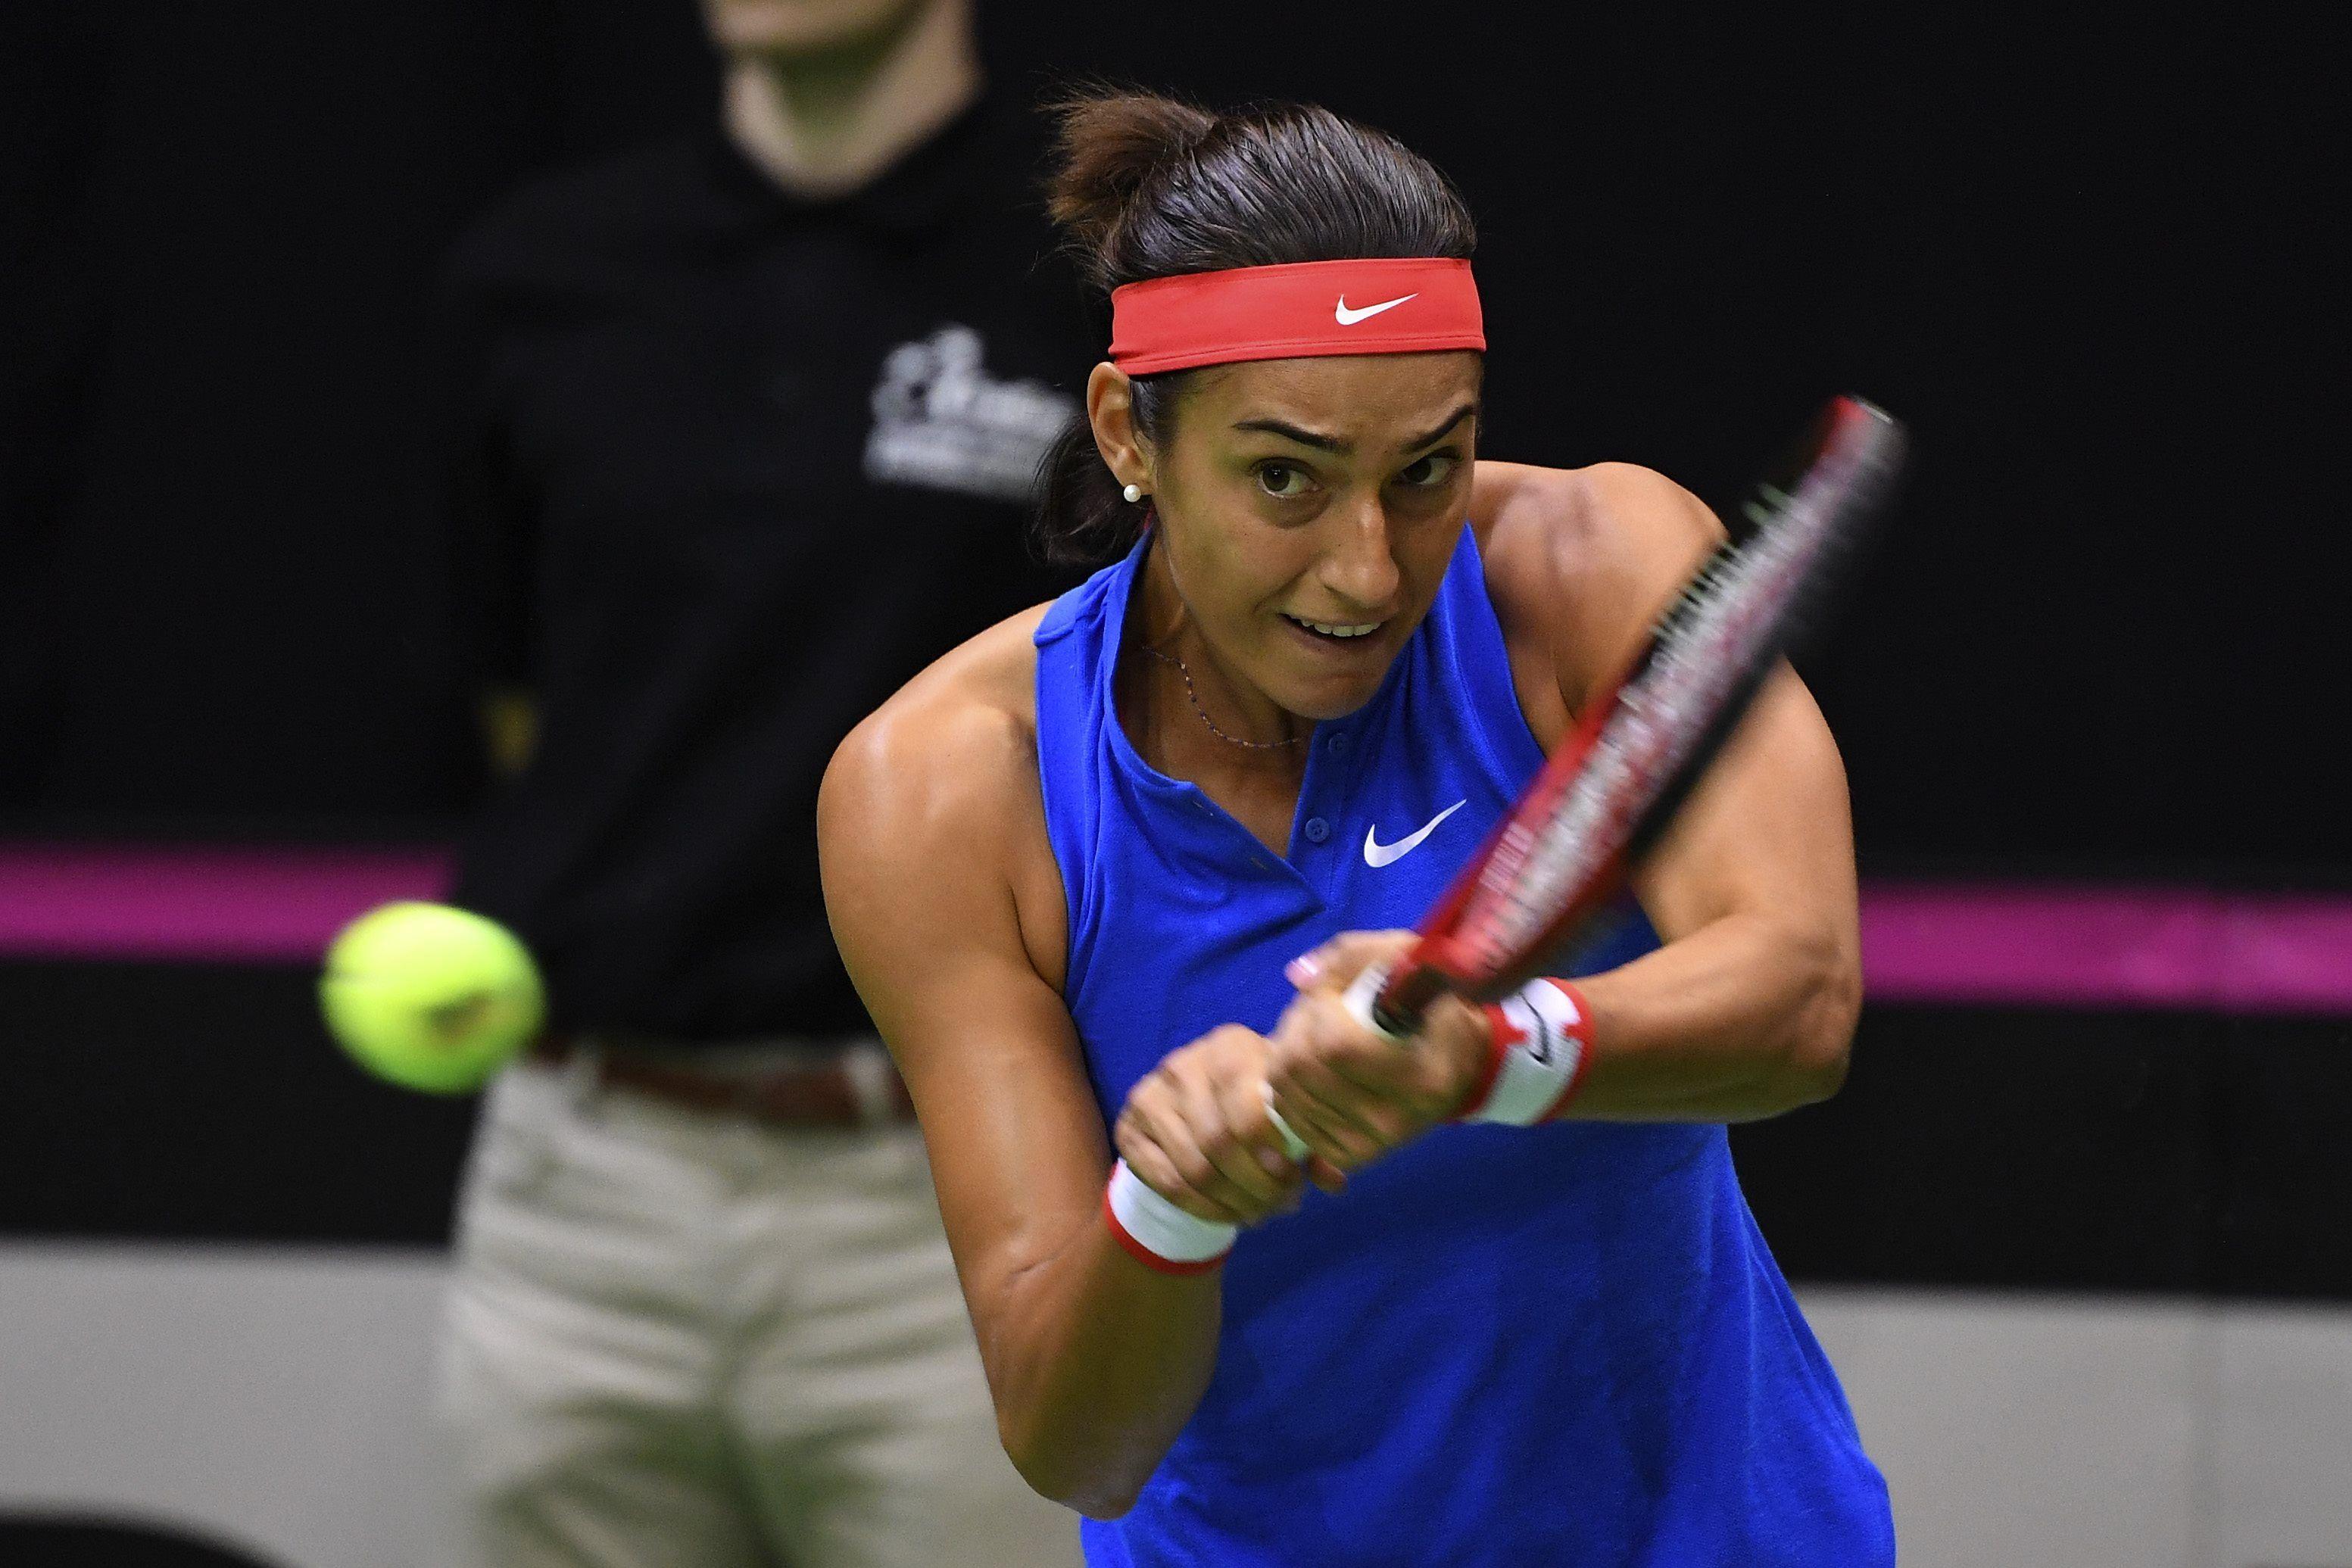 Tennis - Fed Cup - L'équipe de France en quête de perf' face à la Roumanie de Simona Halep